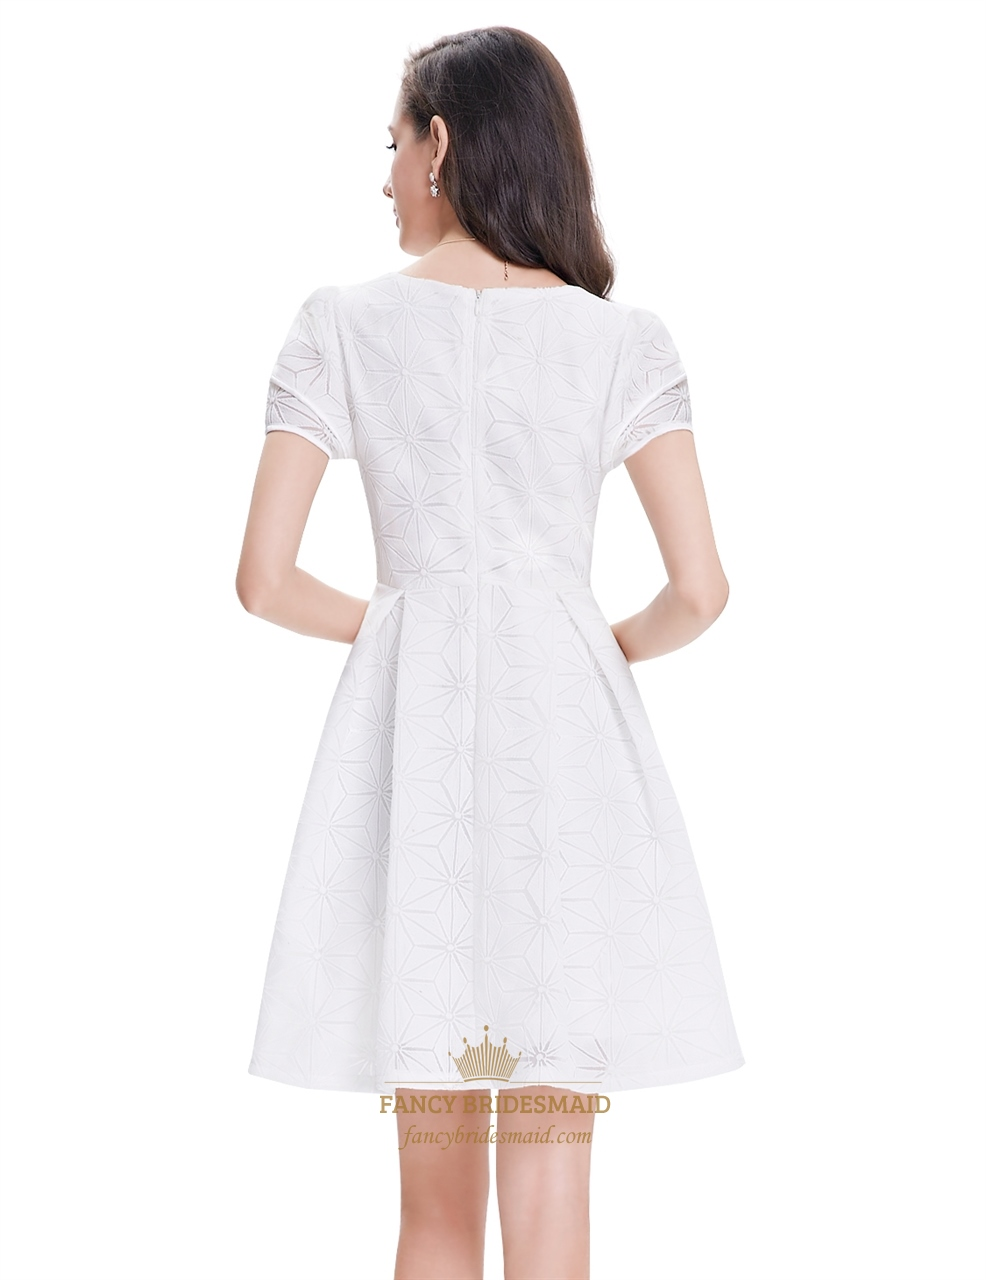 Dresses short white semi formal dresses white cocktail dress short